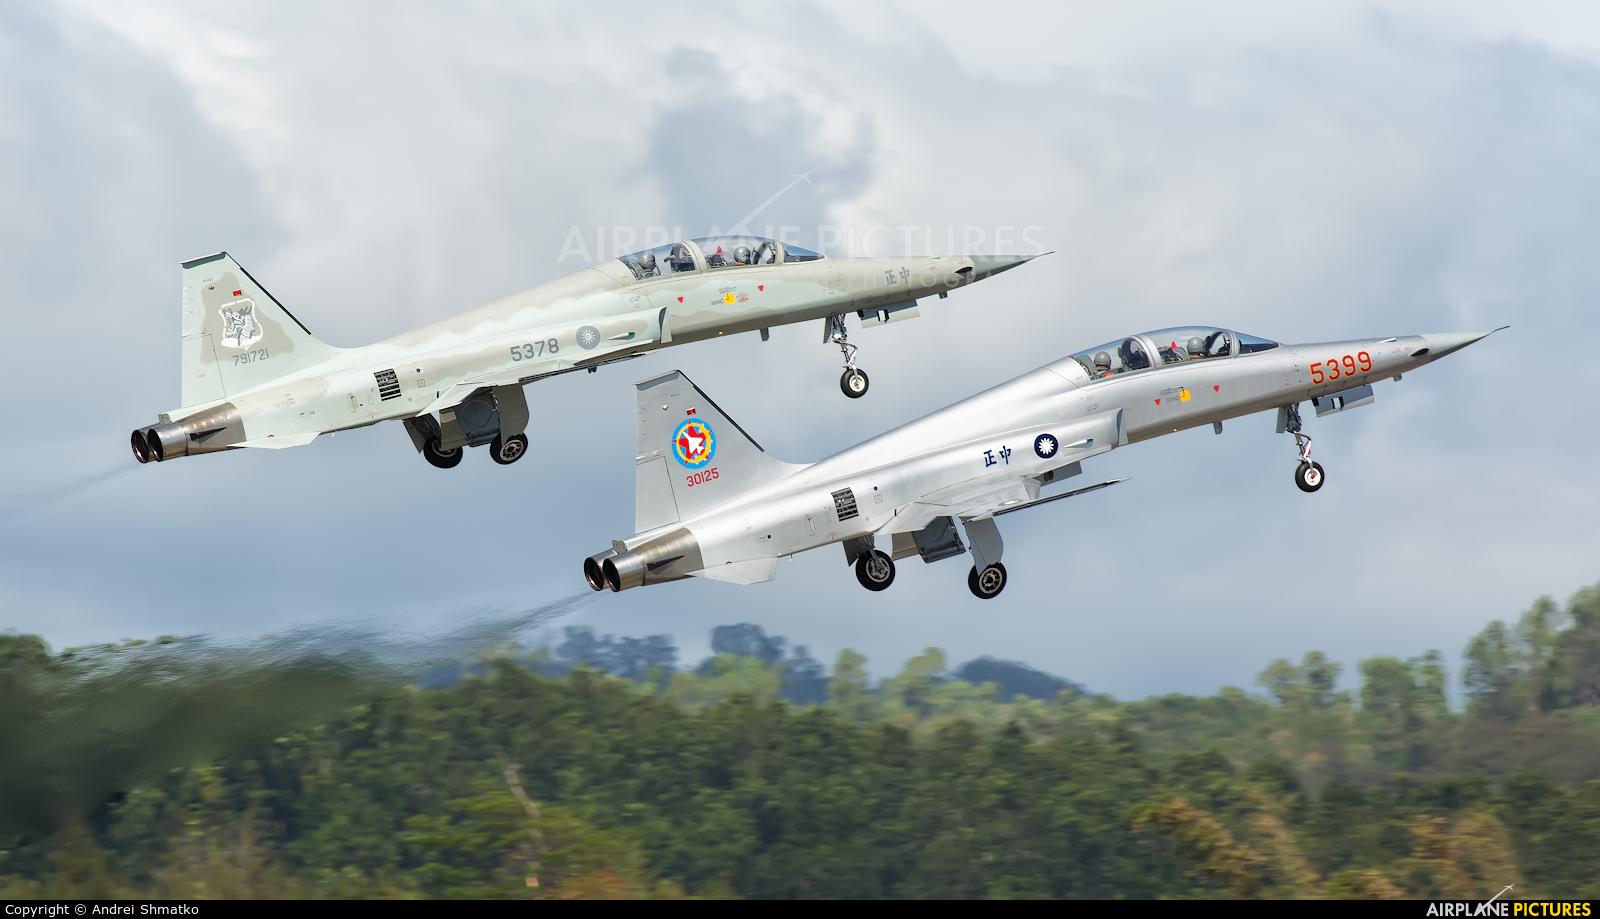 Taiwan - Air Force 79-01721 aircraft at Chihhang/Zhihang AB